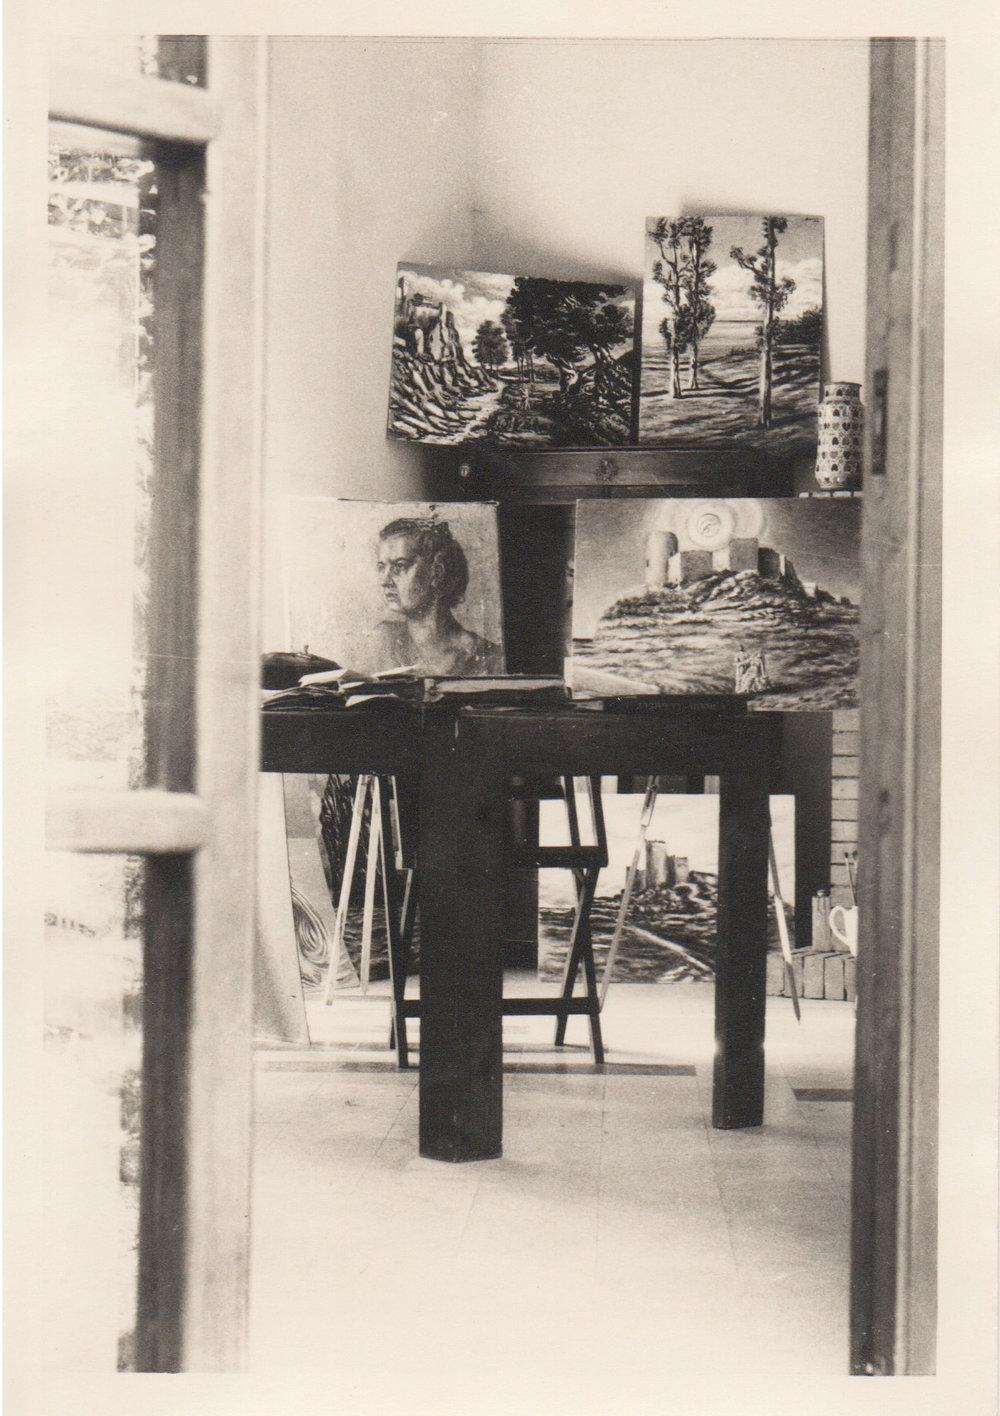 Poveromo, 1949 Studio di Savinio